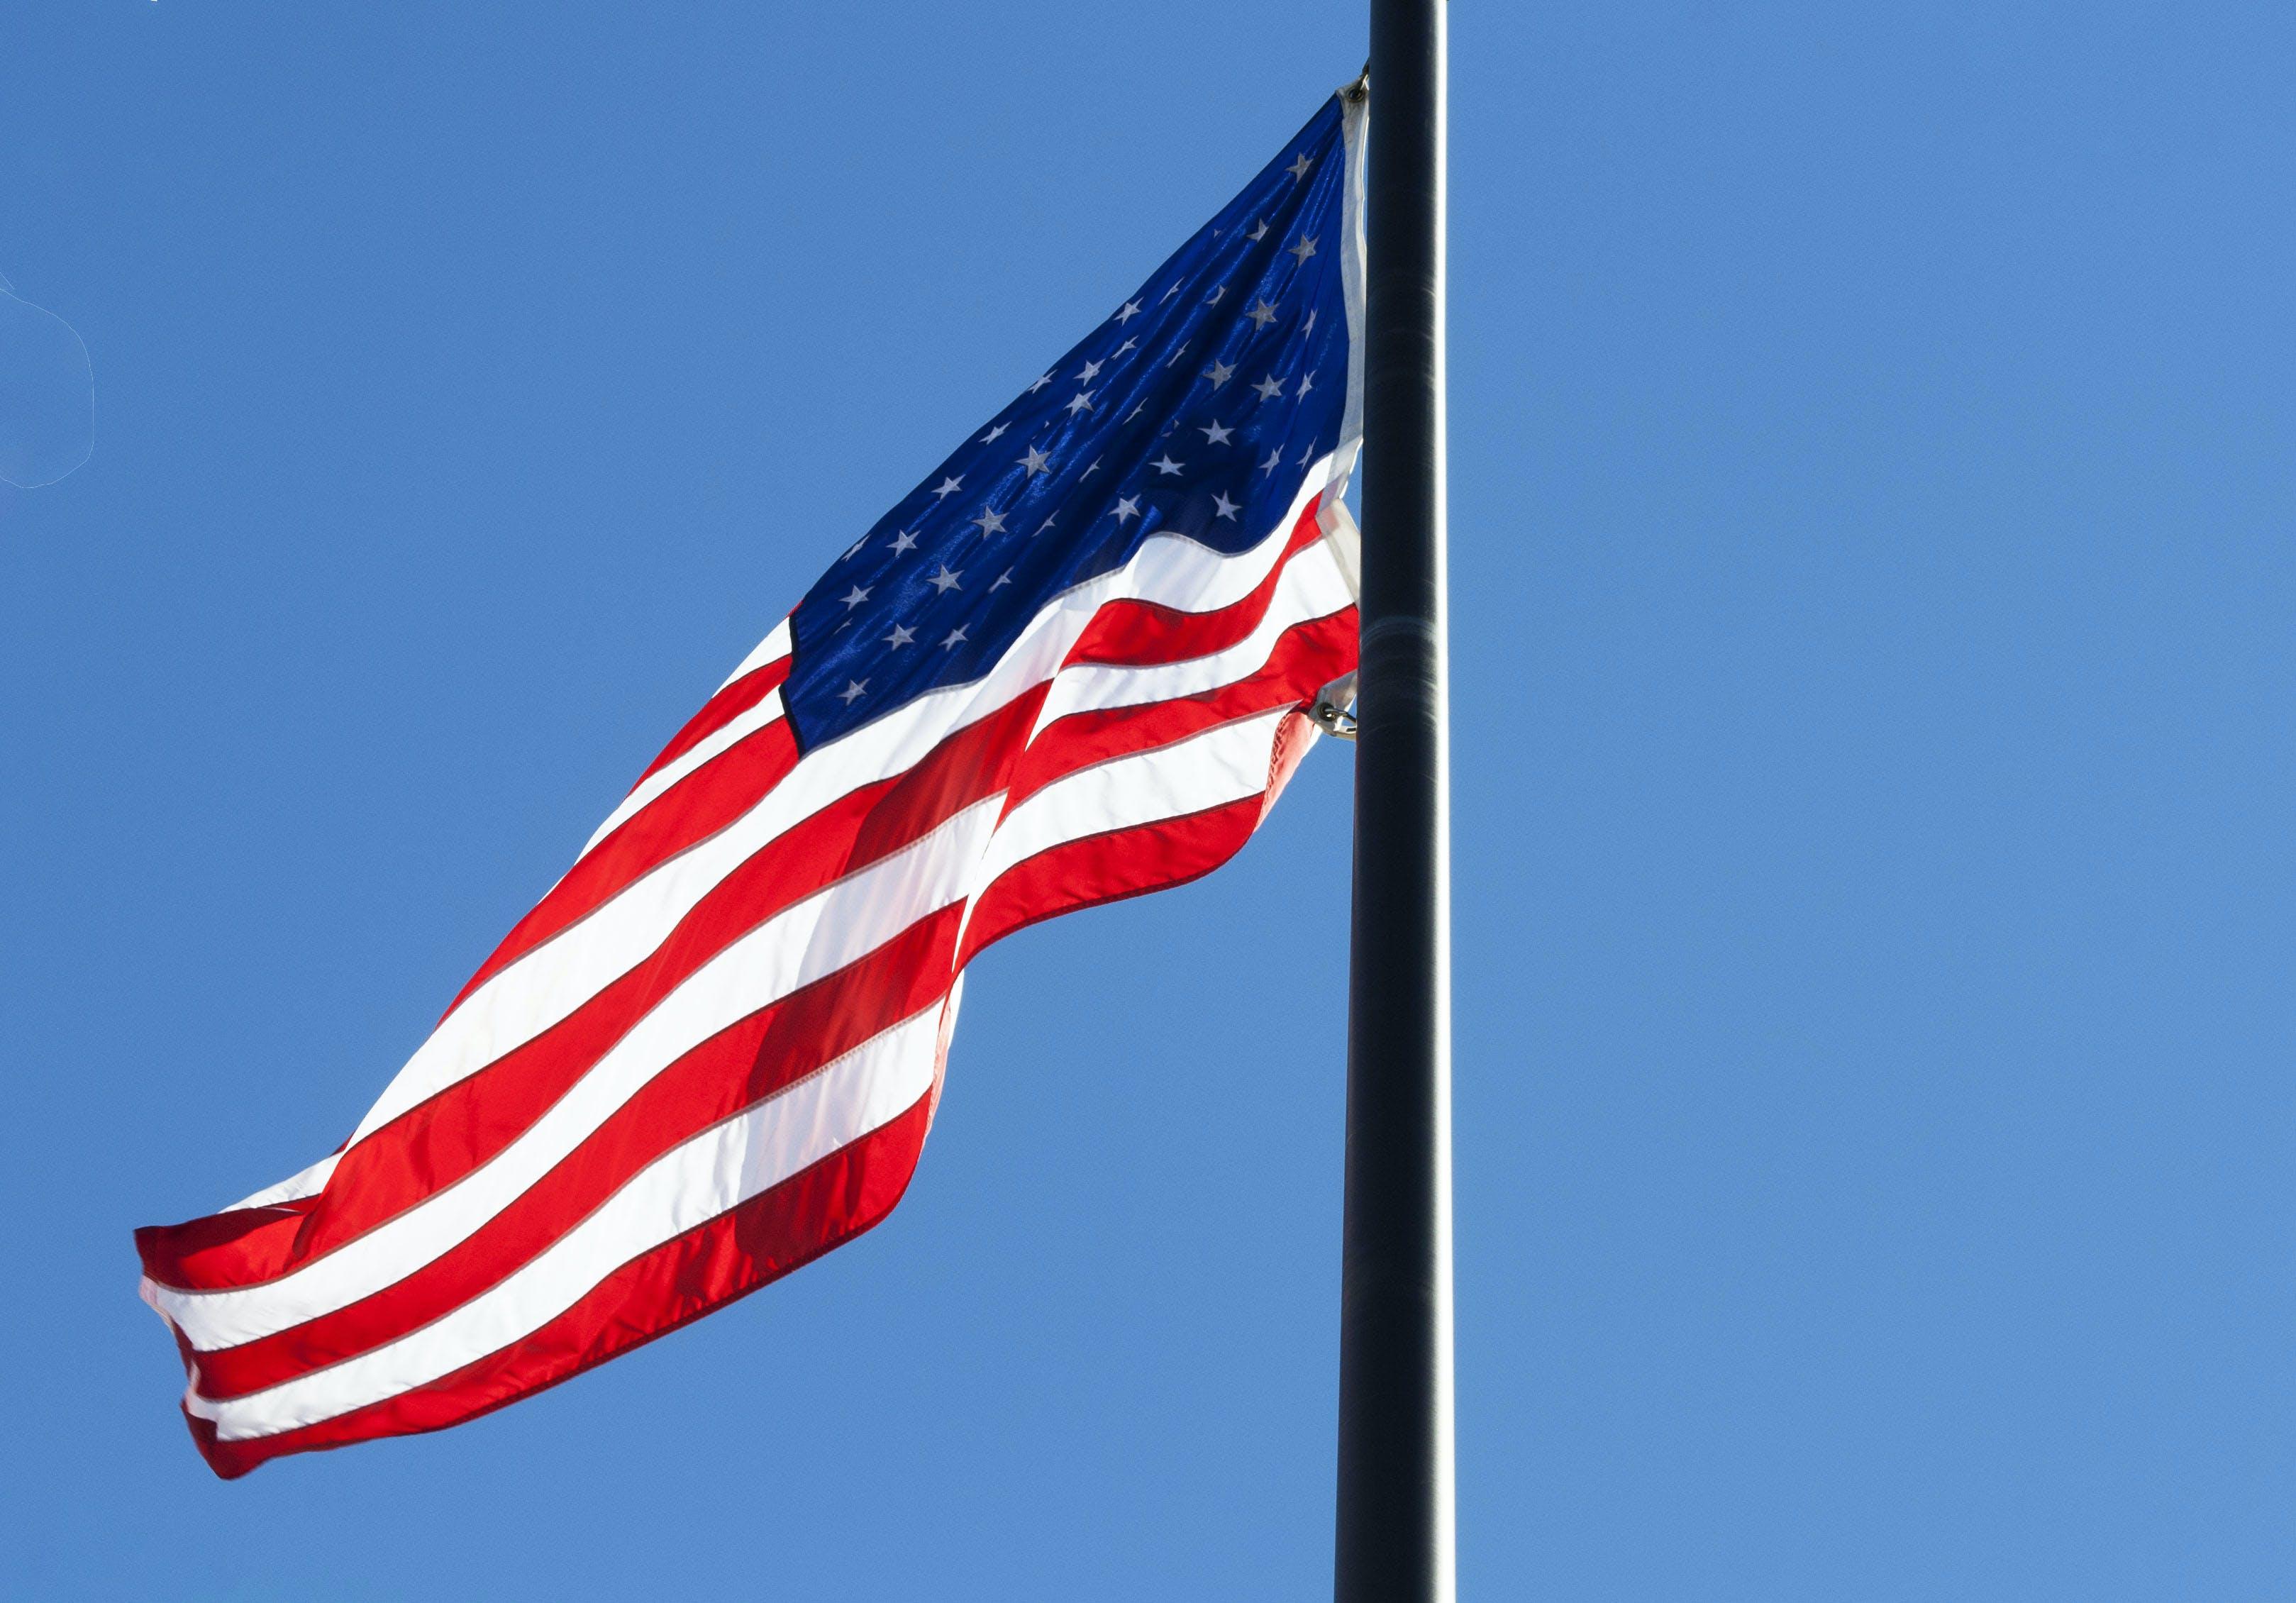 Ingyenes stockfotó adminisztráció, Amerika, Amerikai egyesült államok, amerikai zászló témában